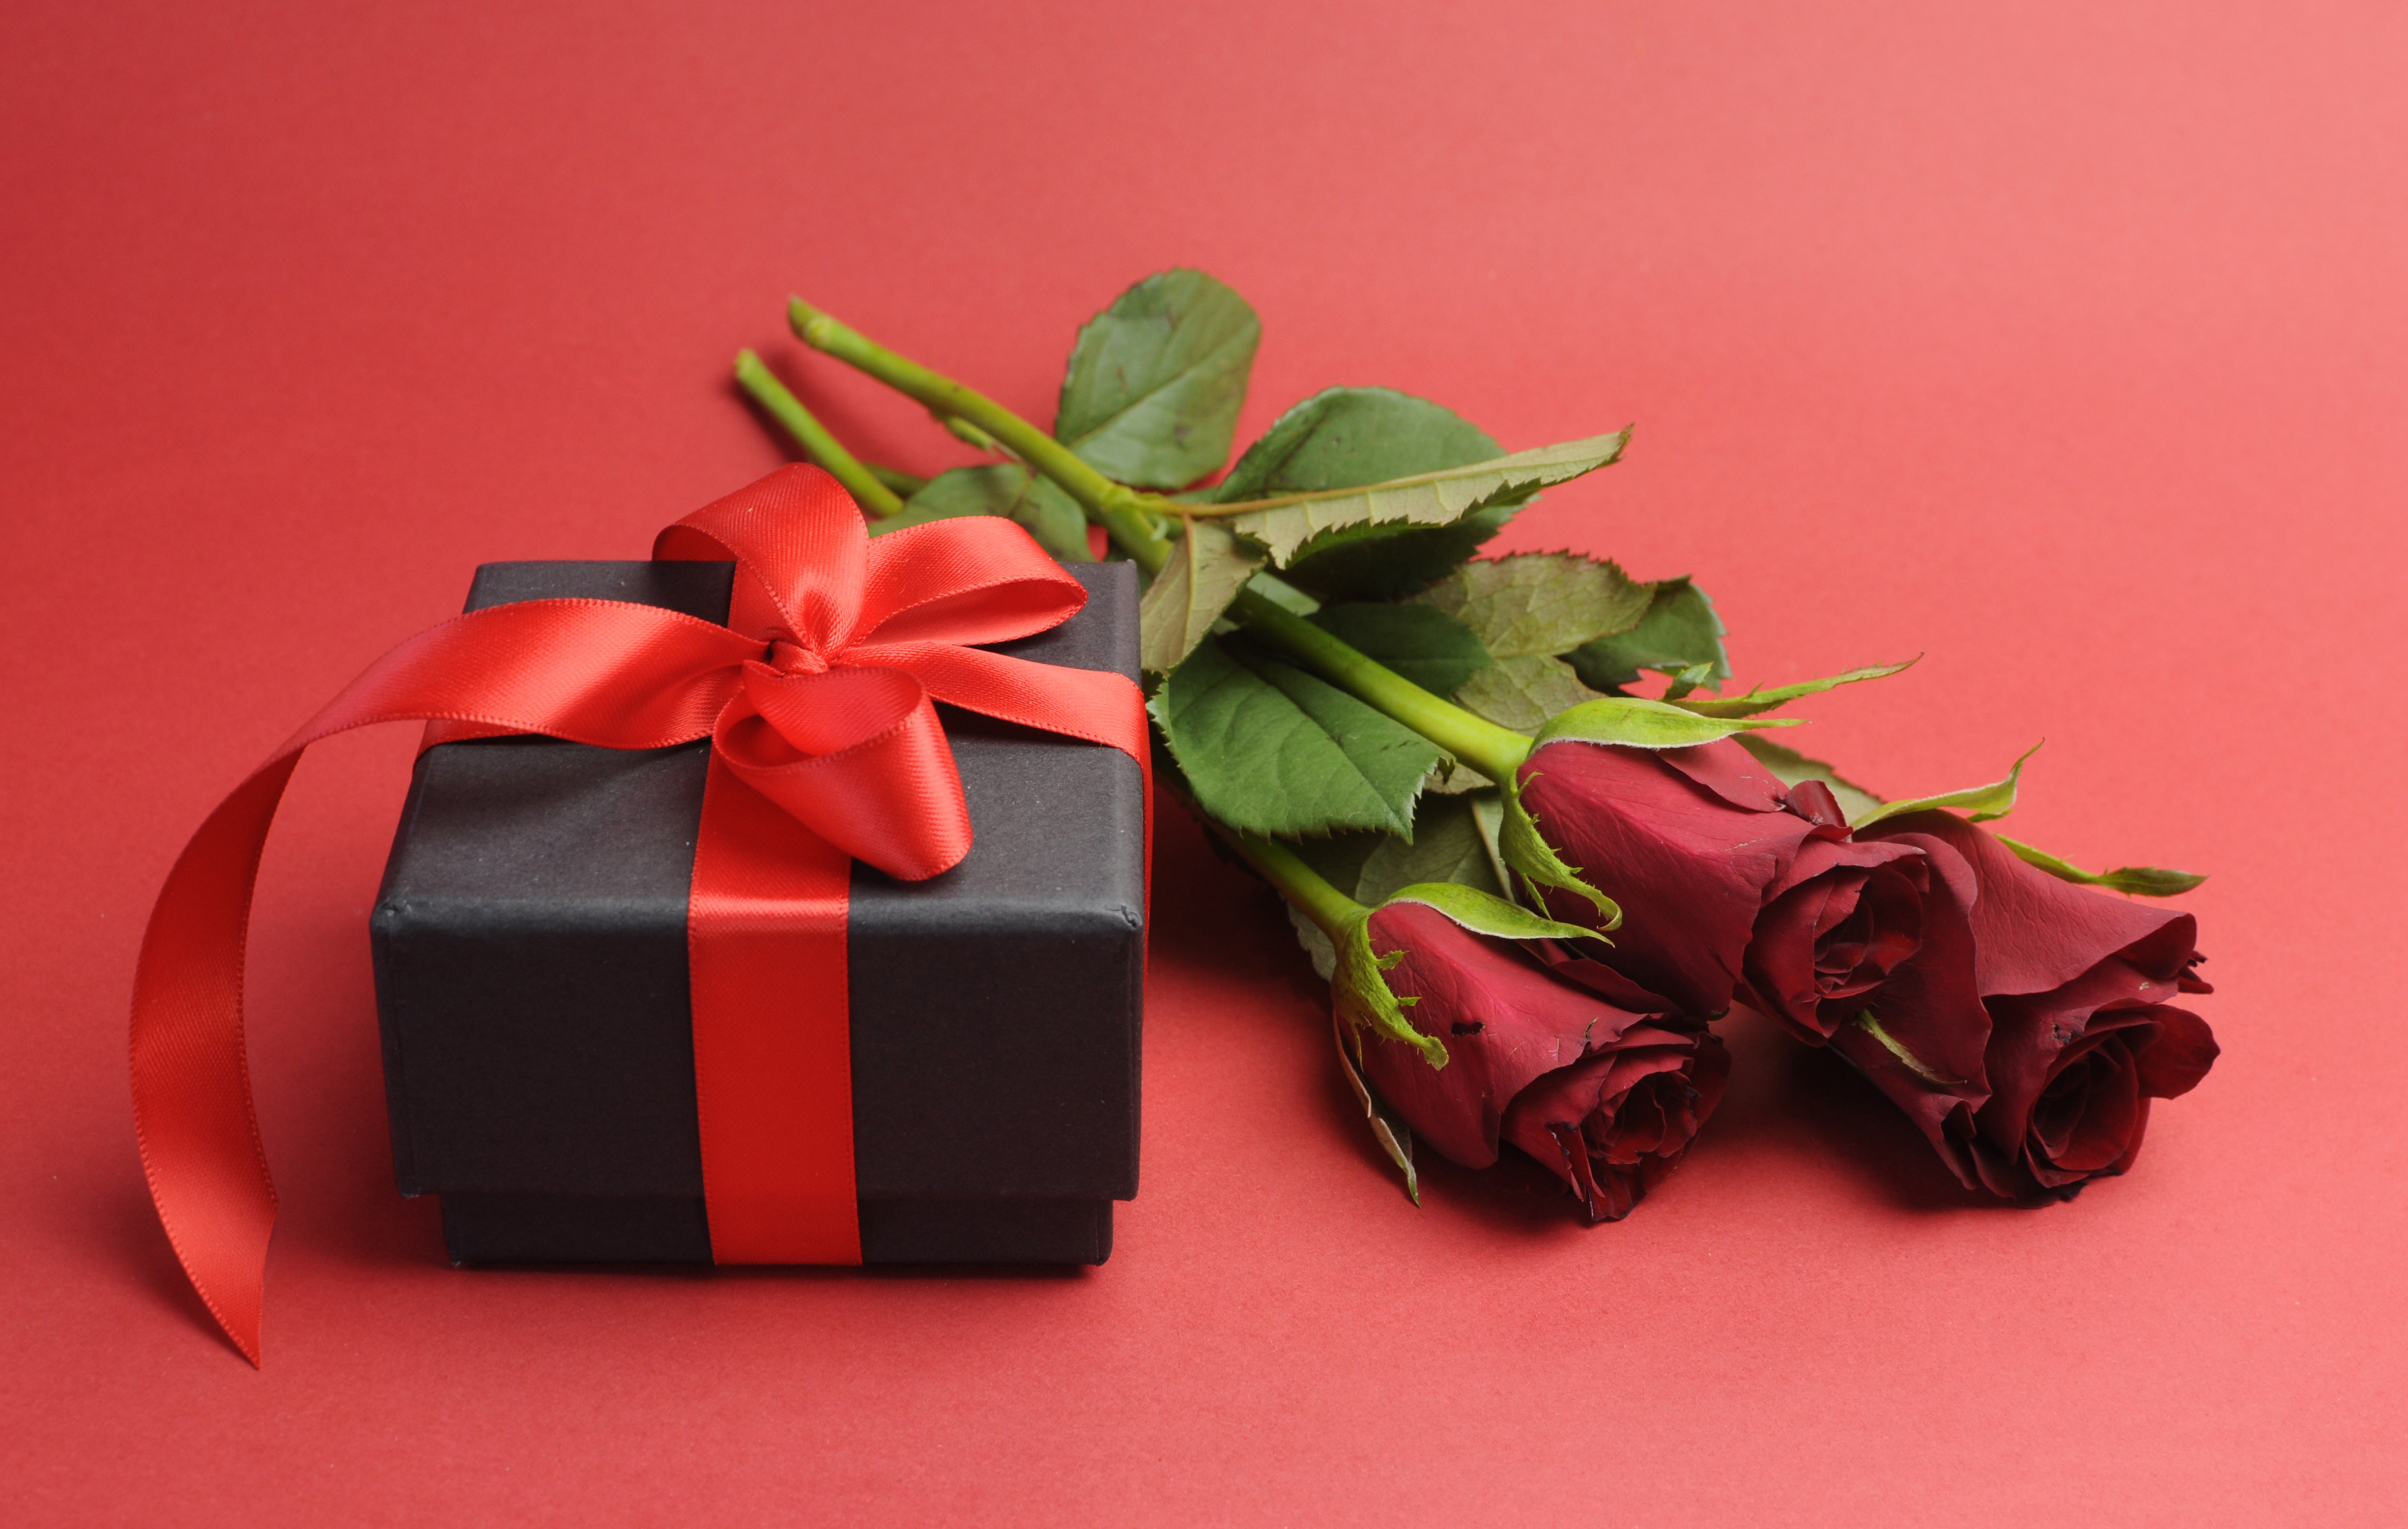 синего открытки цветы с днем рождения открытки с днем рождения для мужчины мастер-класс для начинающих